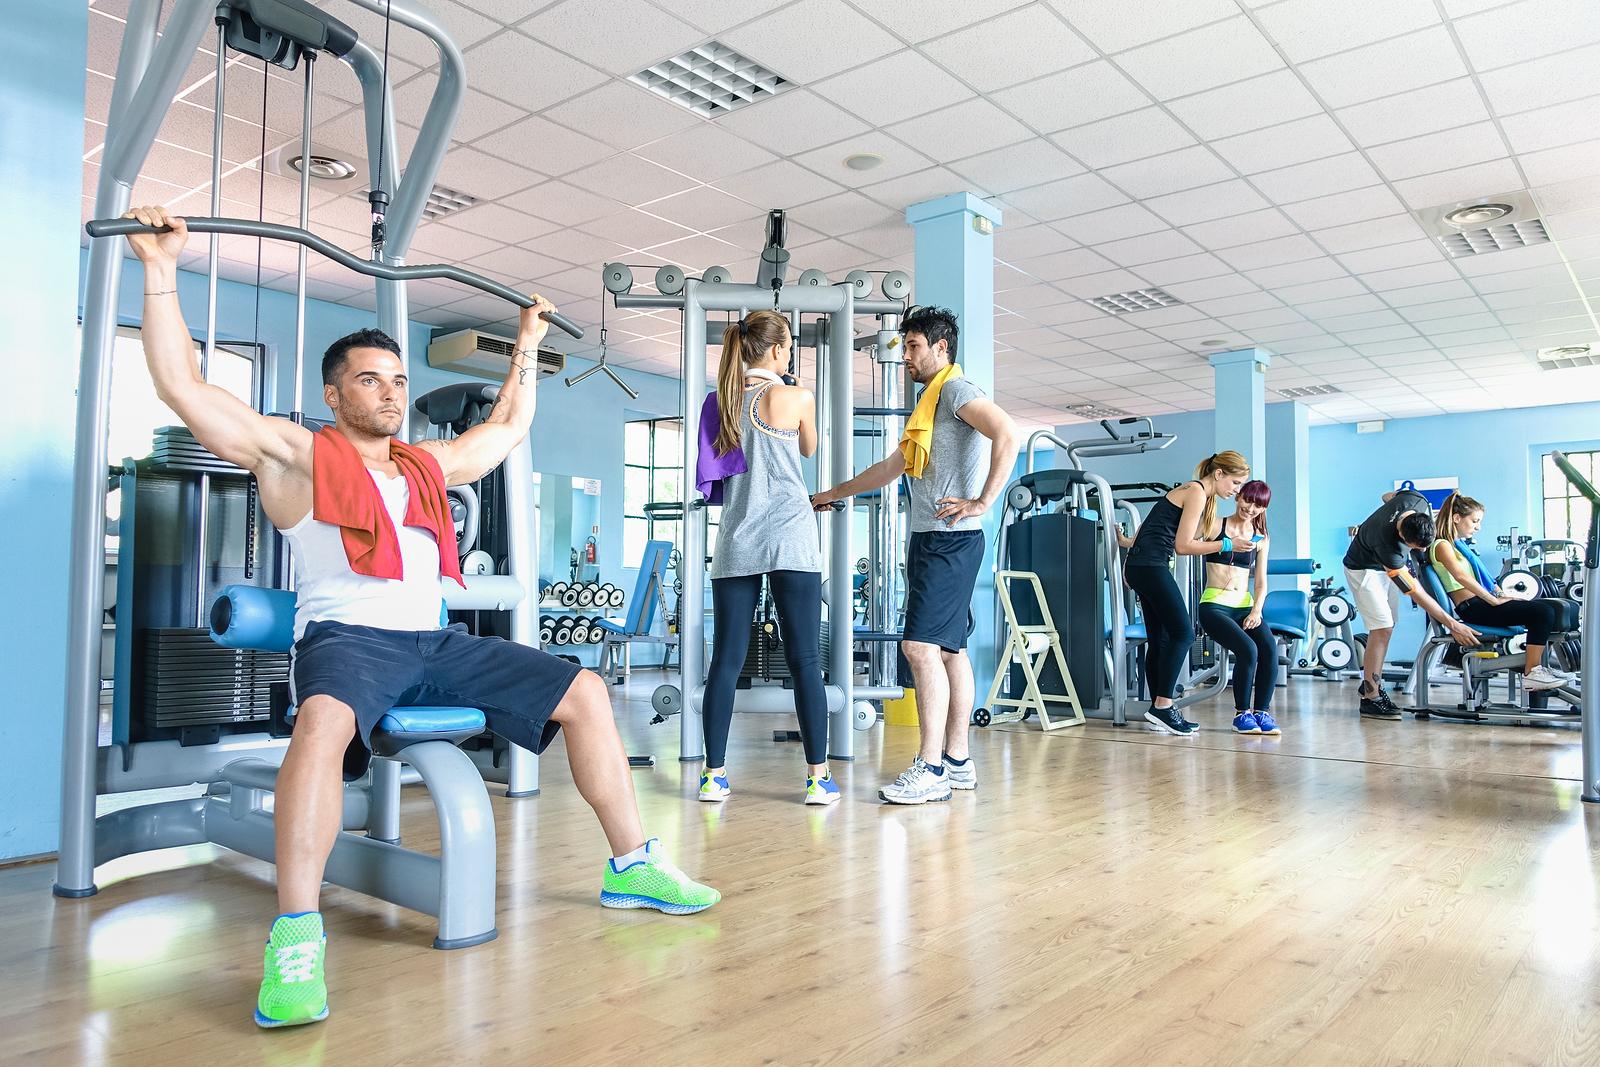 siołownia dla początkujących efekty ćwiczenia